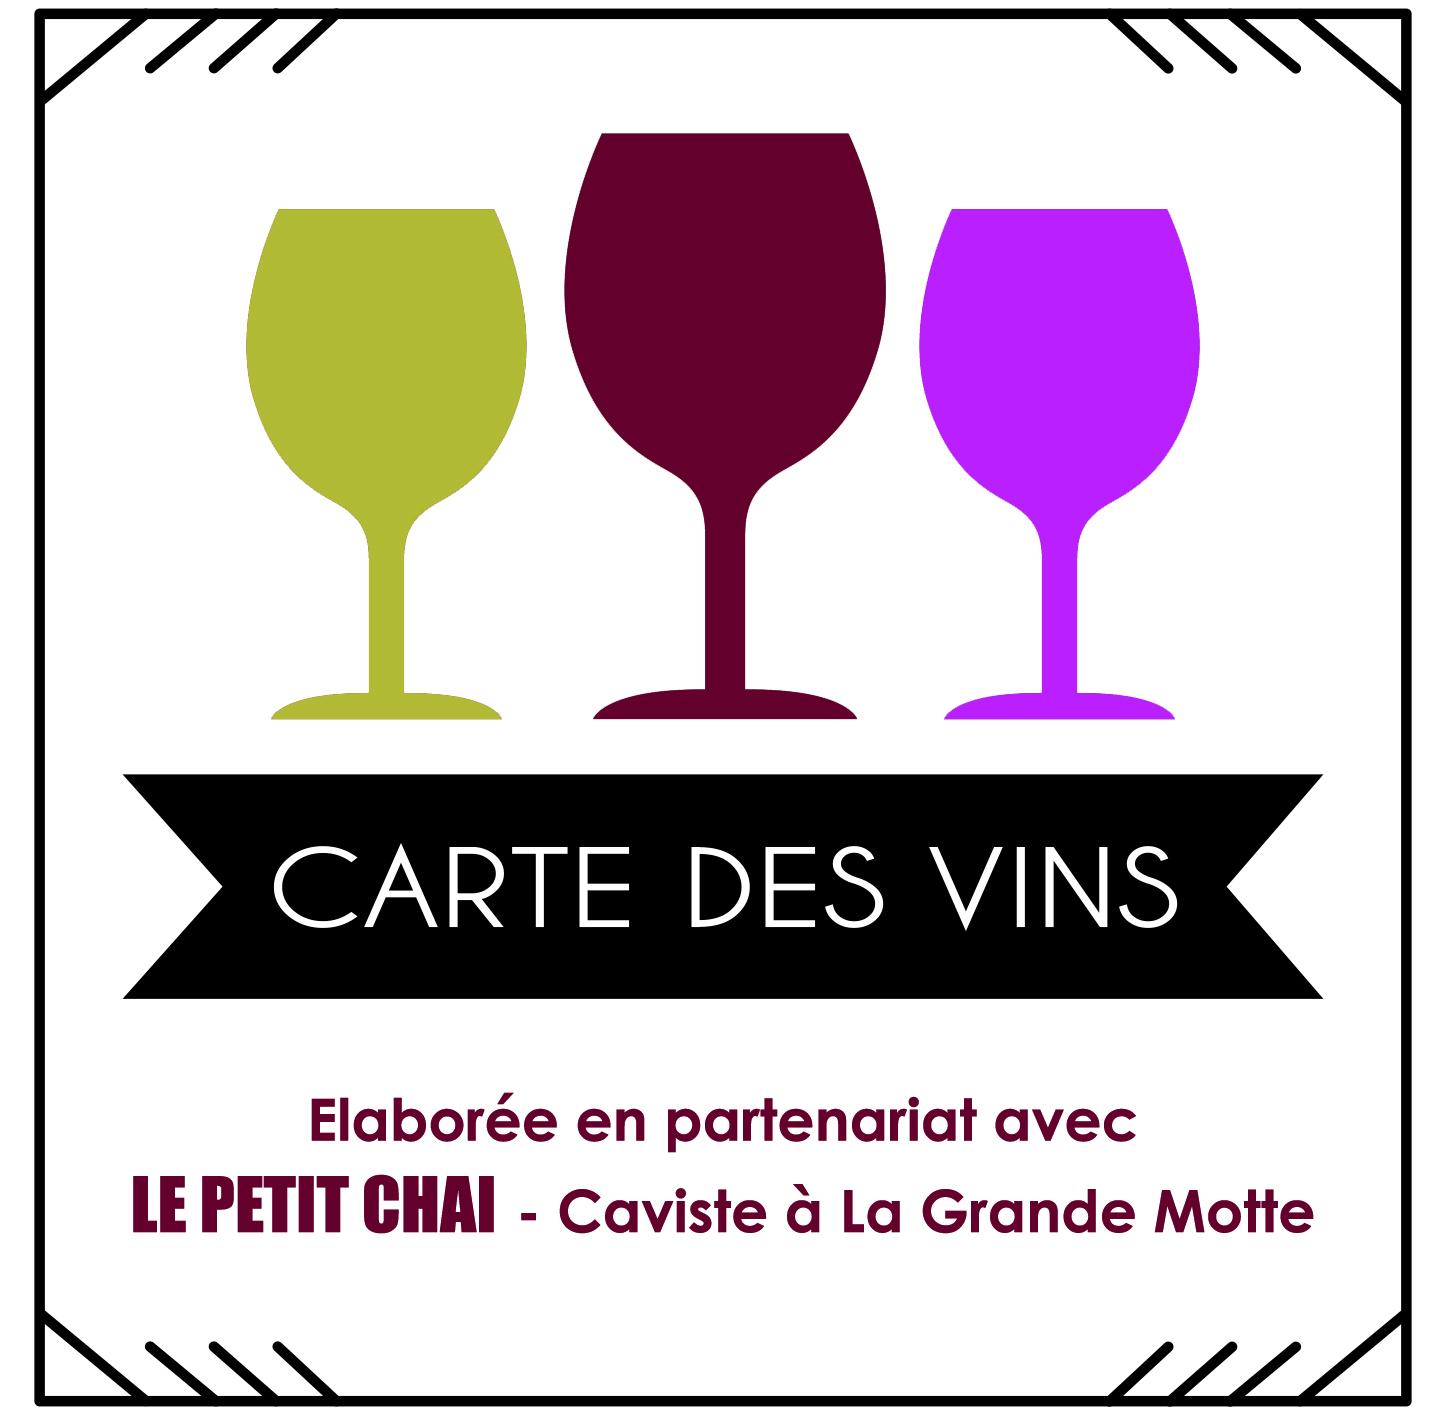 carte des vins conseil caviste la grande motte le petit chai cave vin restauration restaurant sommelier